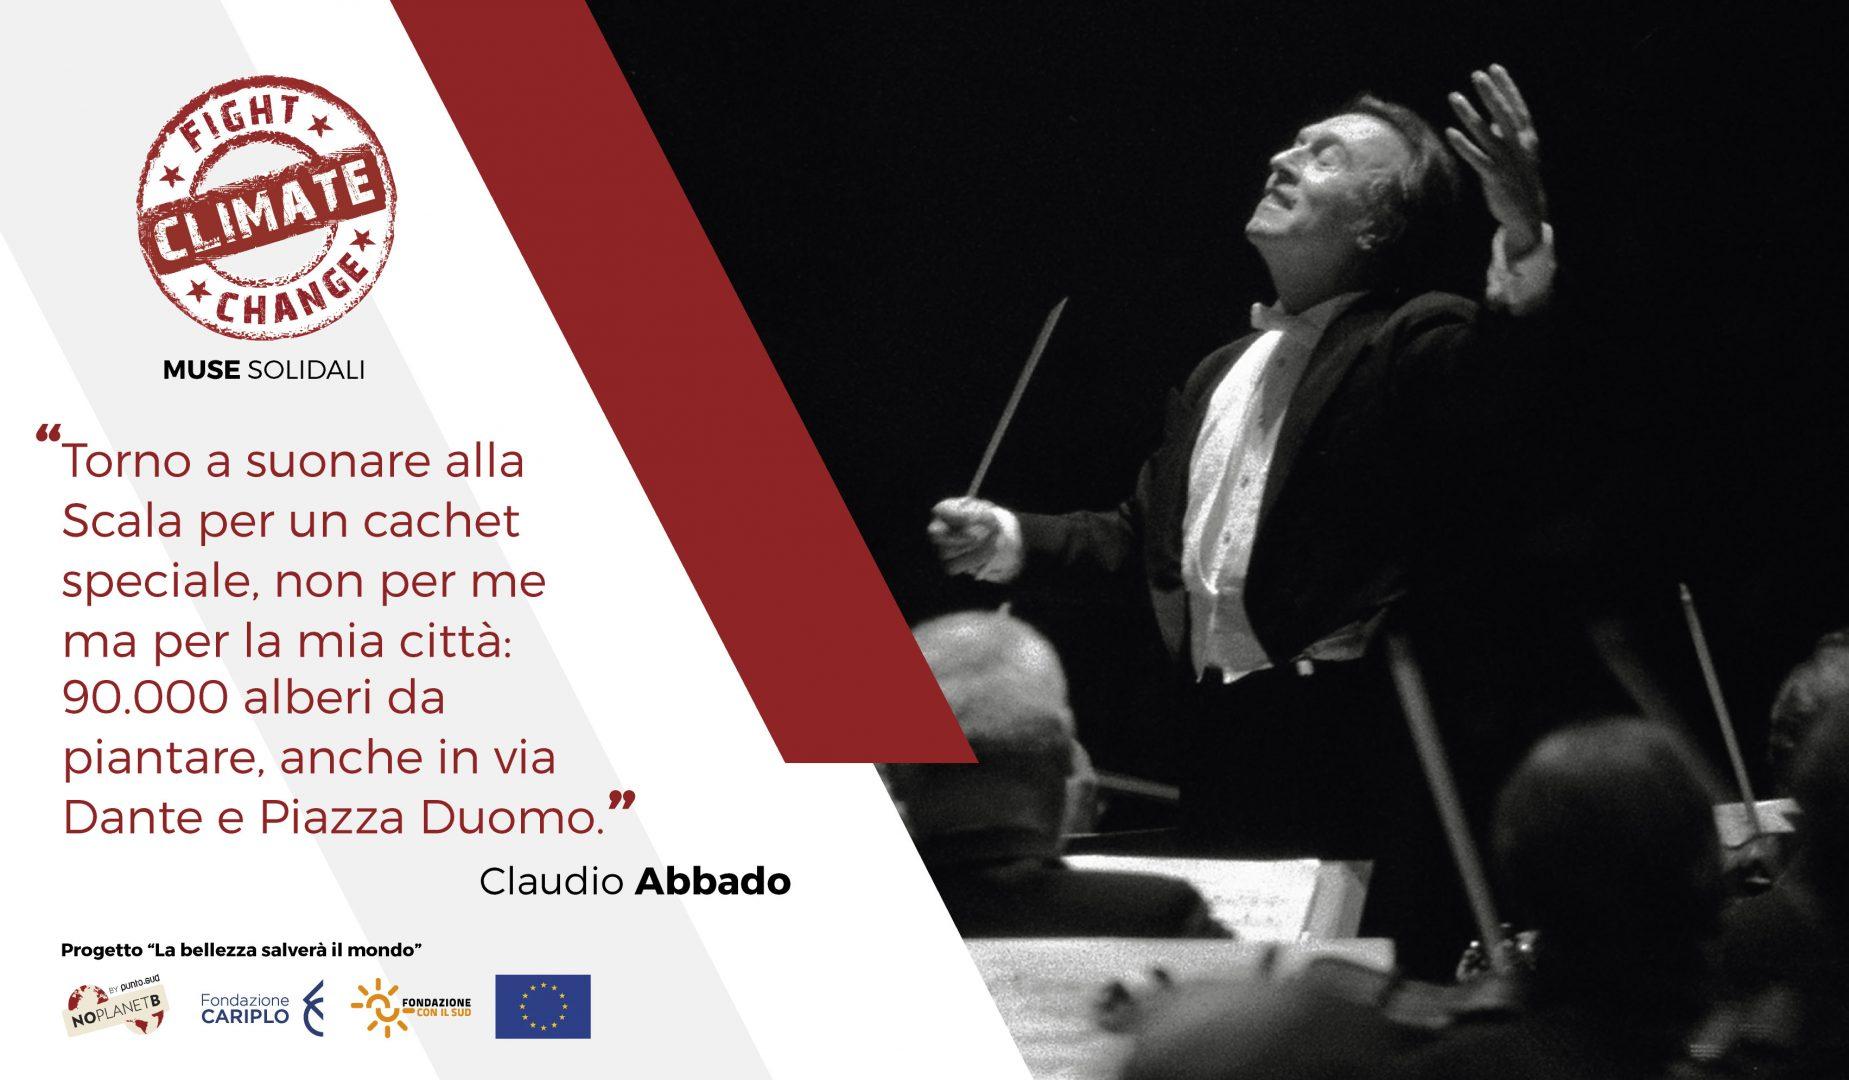 Claudio-Abbado-pannello-120x70